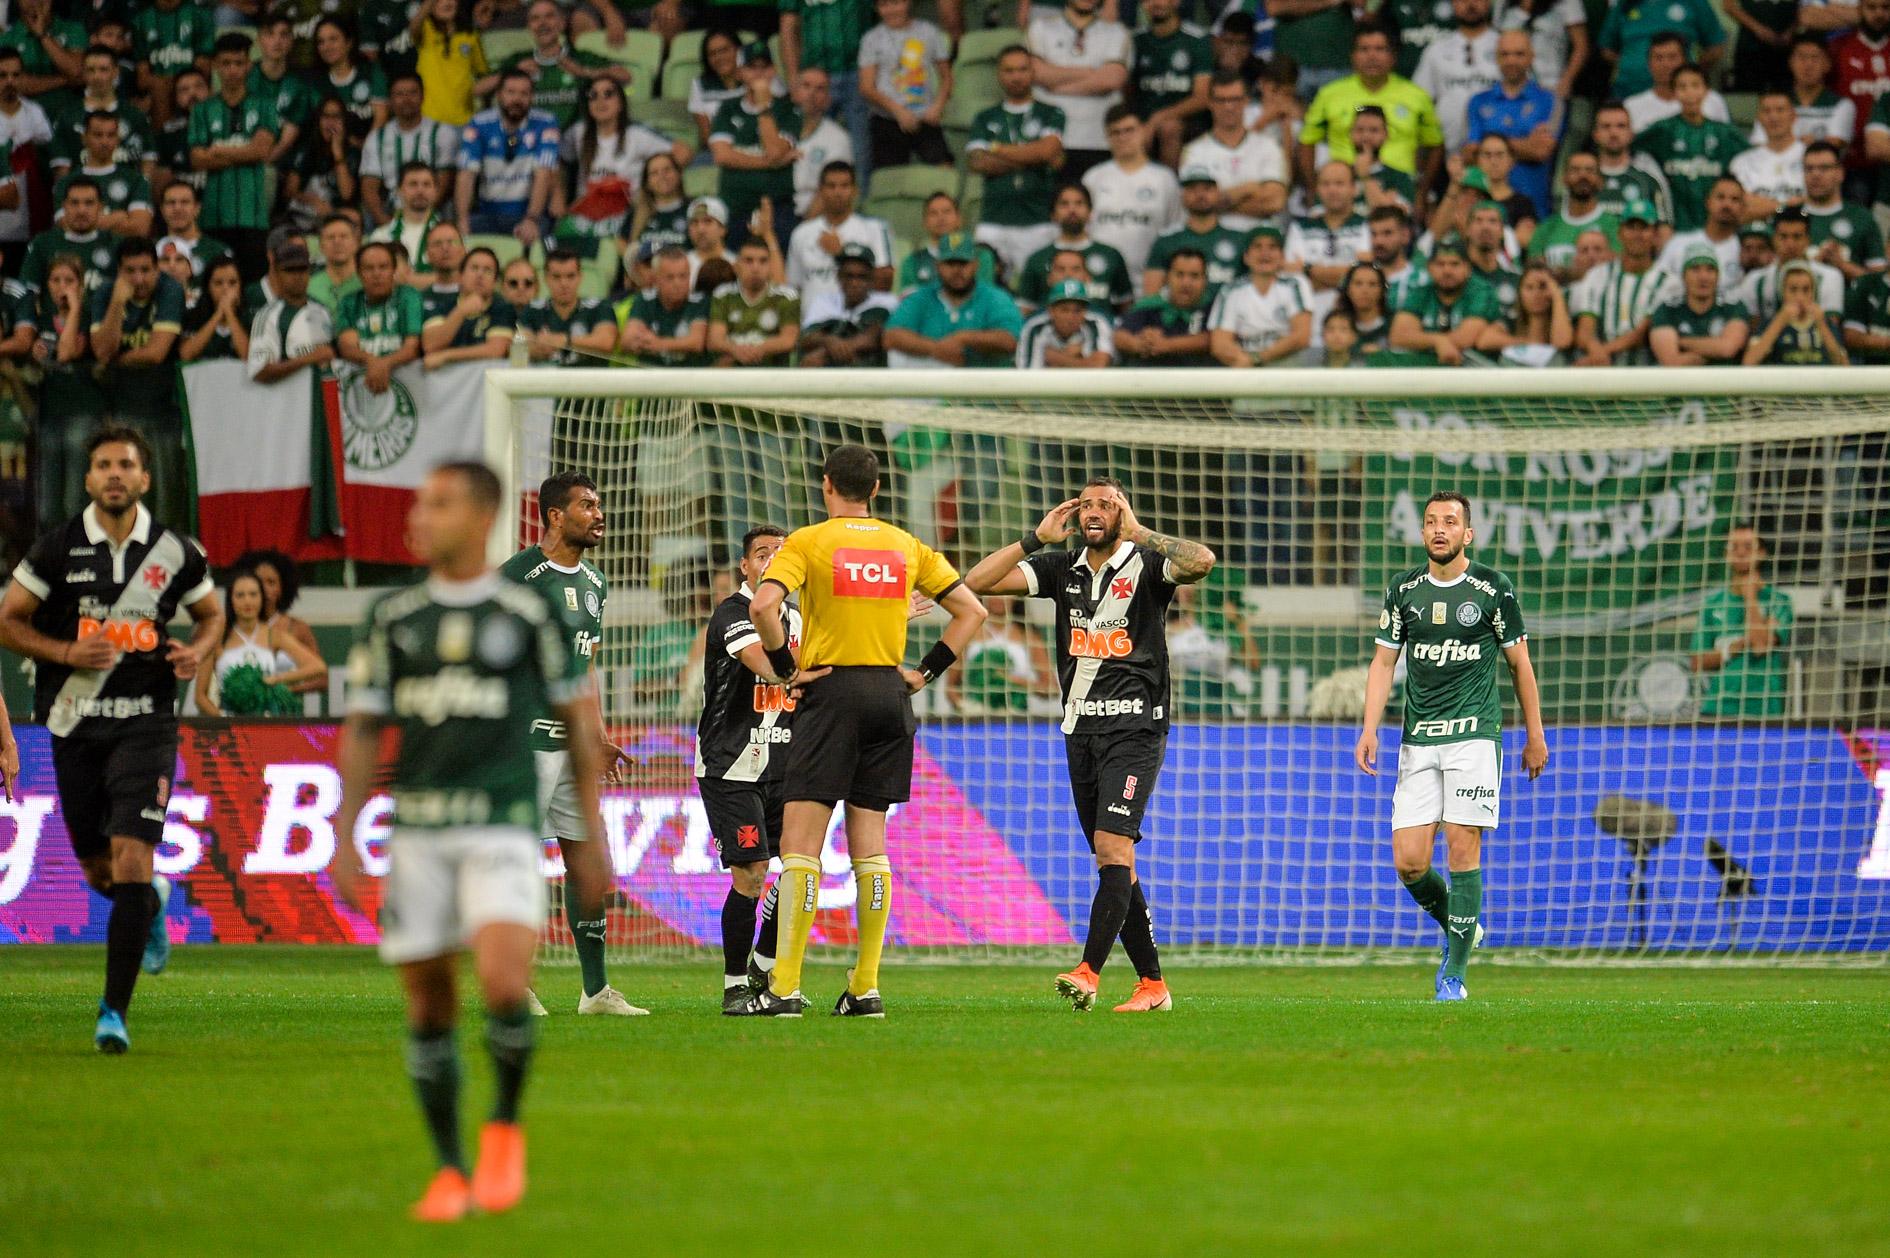 Palmeiras_X_Vasco_dudabairros_Agif_0817.